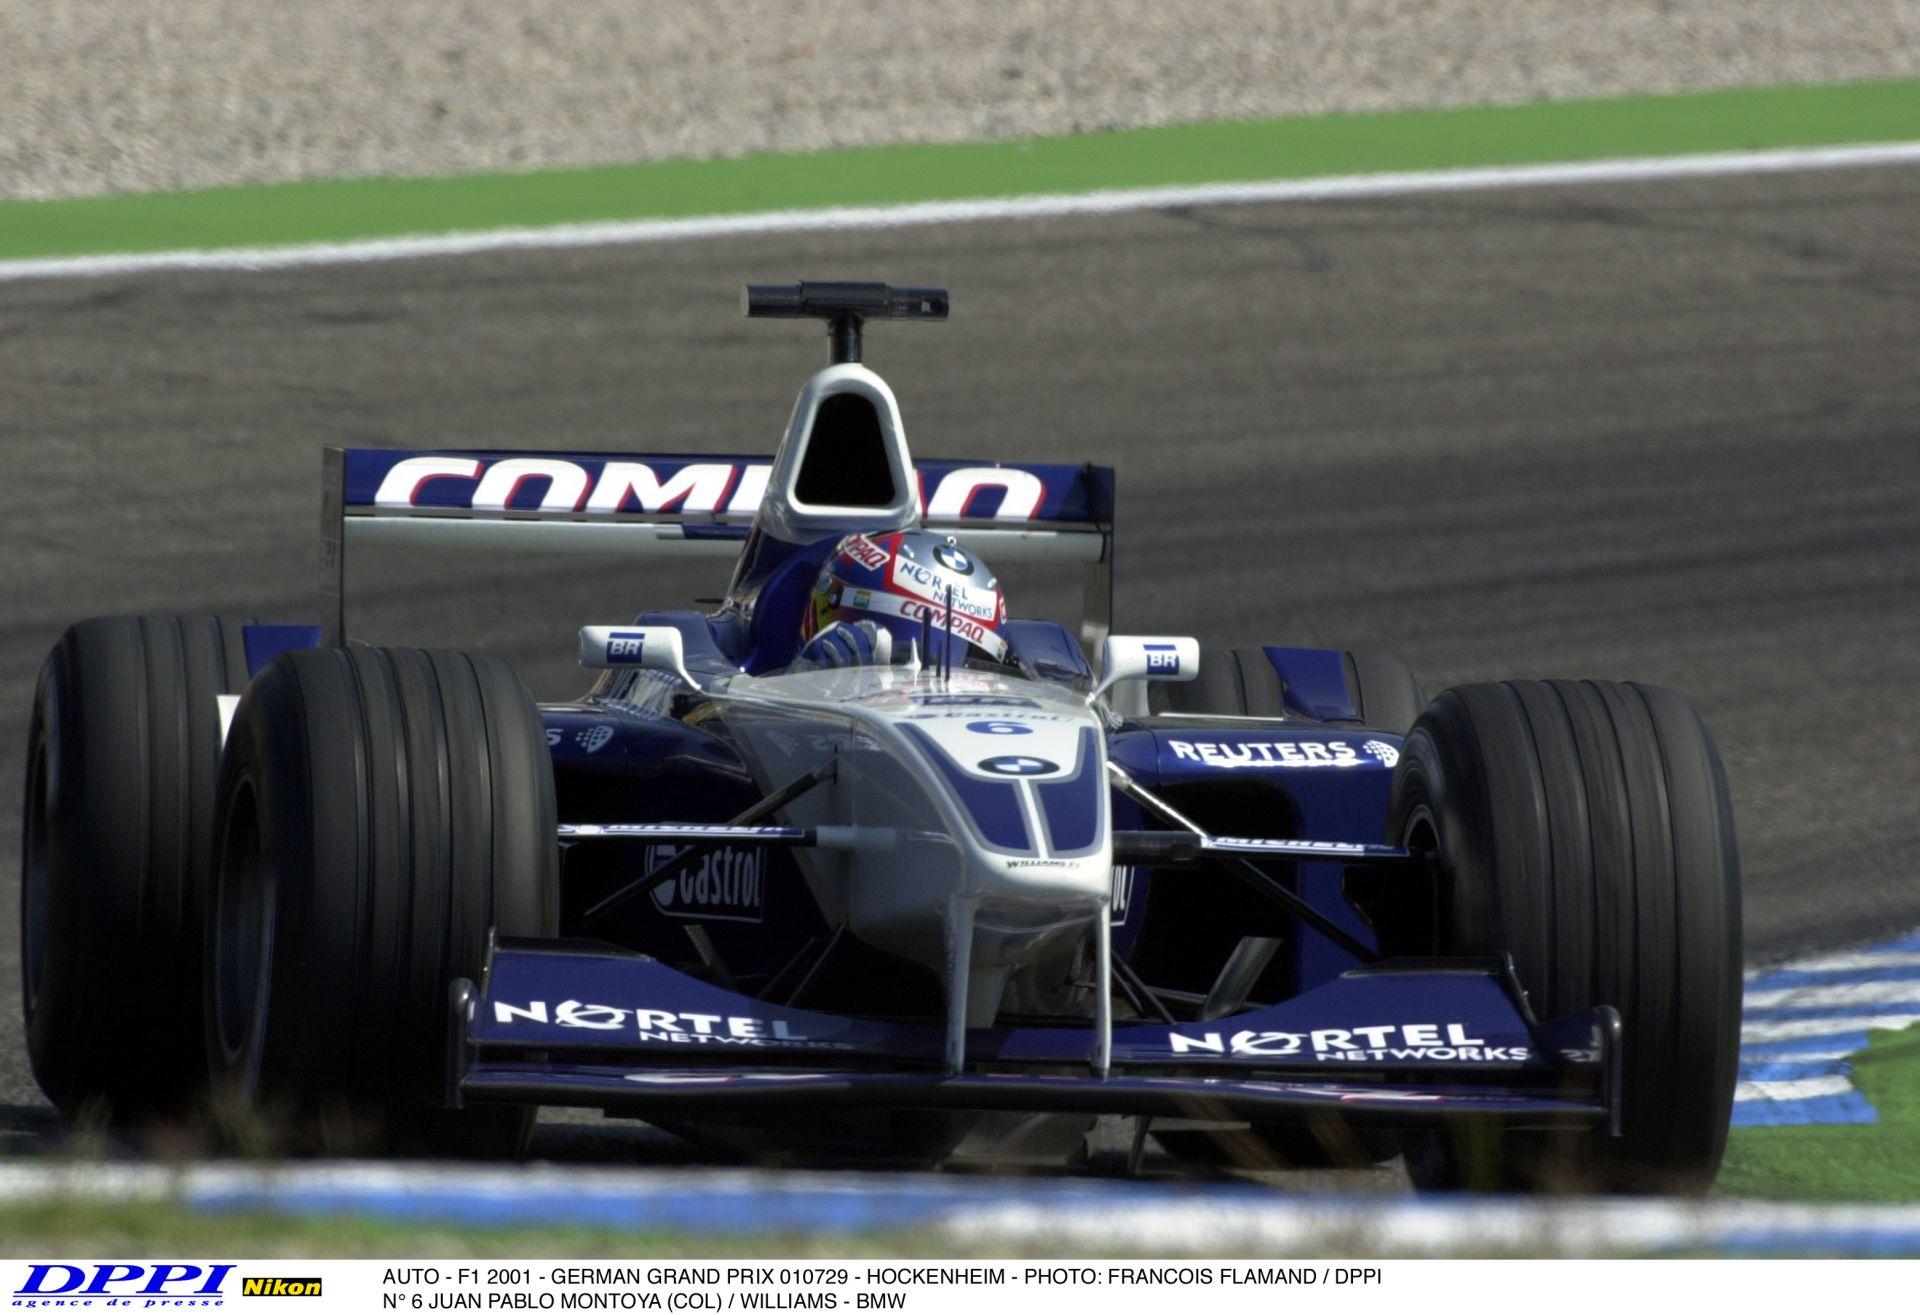 Figyelj, fülelj és élvezd: Montoya a 2001-es Német Nagydíjon